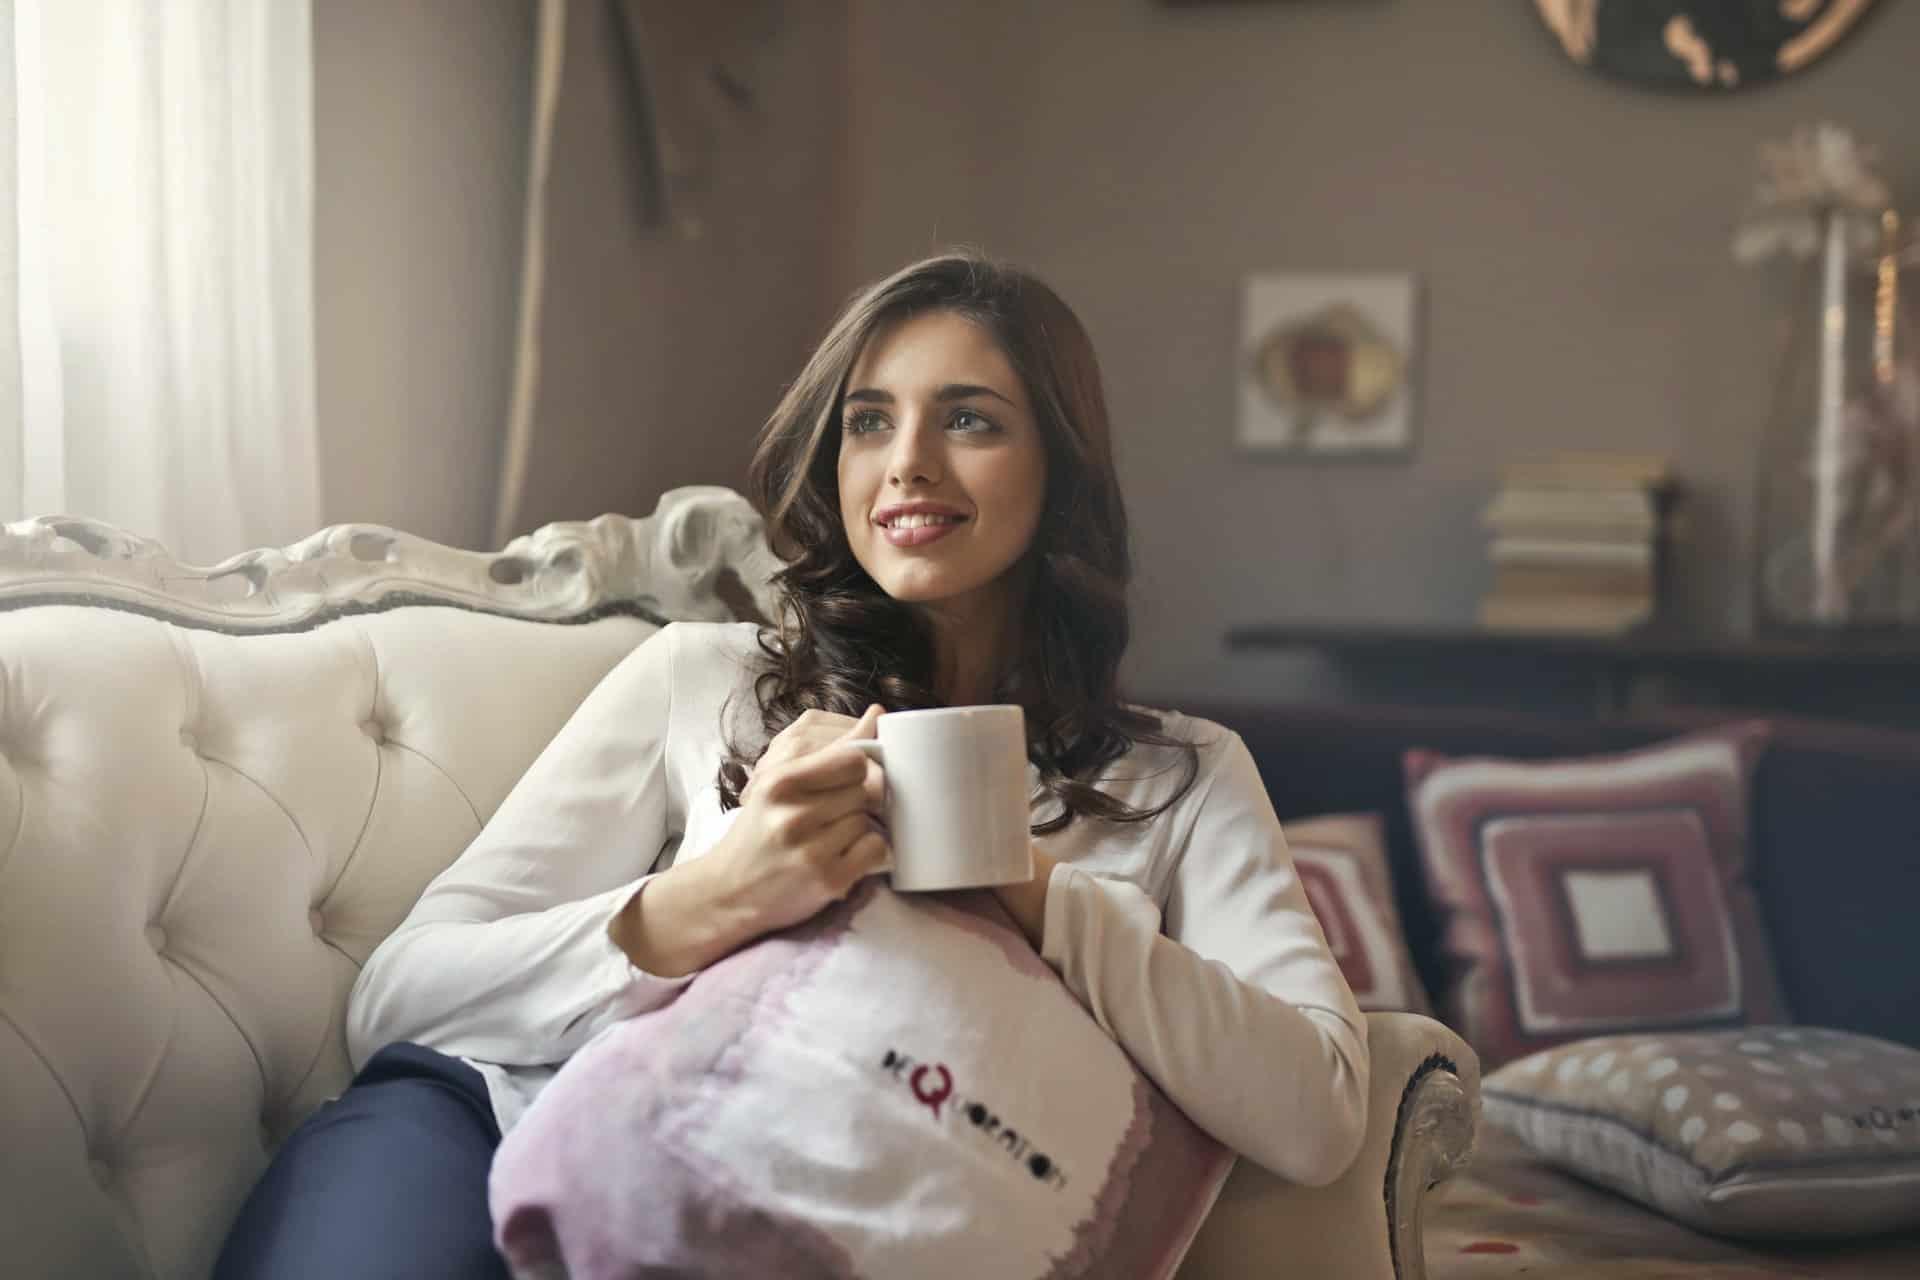 lächelnde Frau, die auf der Couch sitzt und während einer Pause Kaffee trinkt